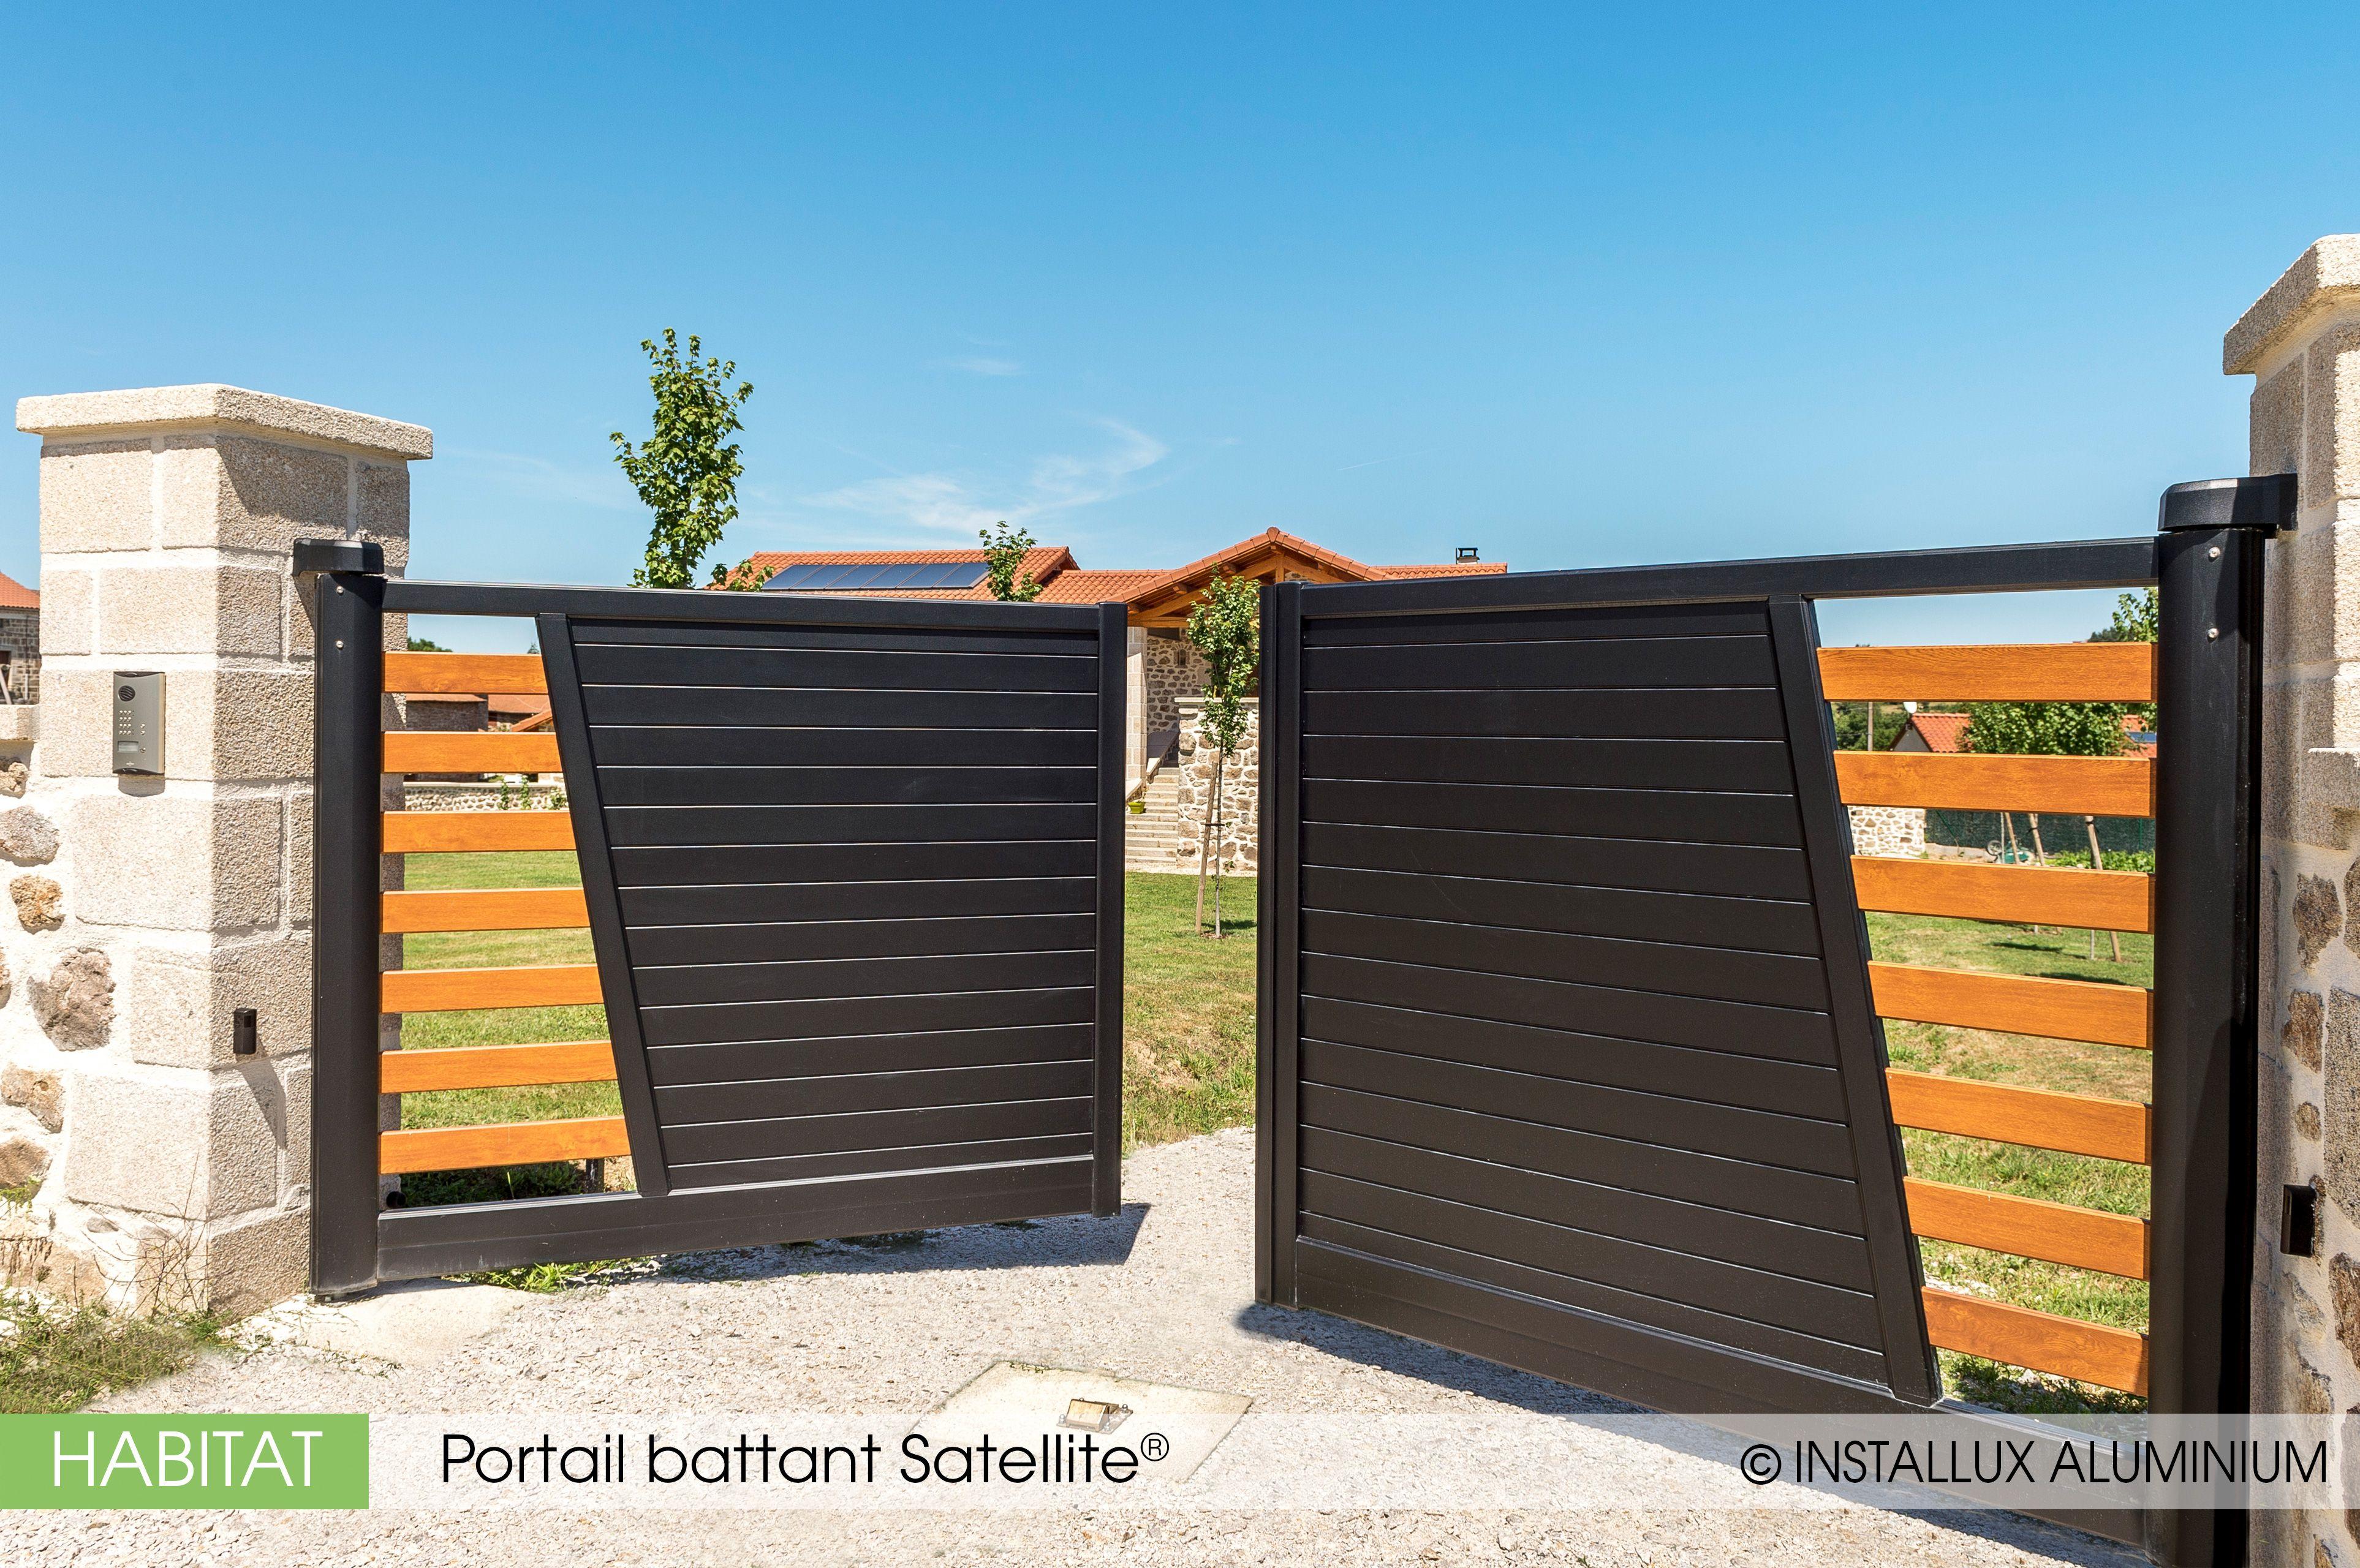 Portail Battant Satellite D Installux Aluminium Portail Double A Battants Motorise Portail Et Cloture Cloture Aluminium Maison